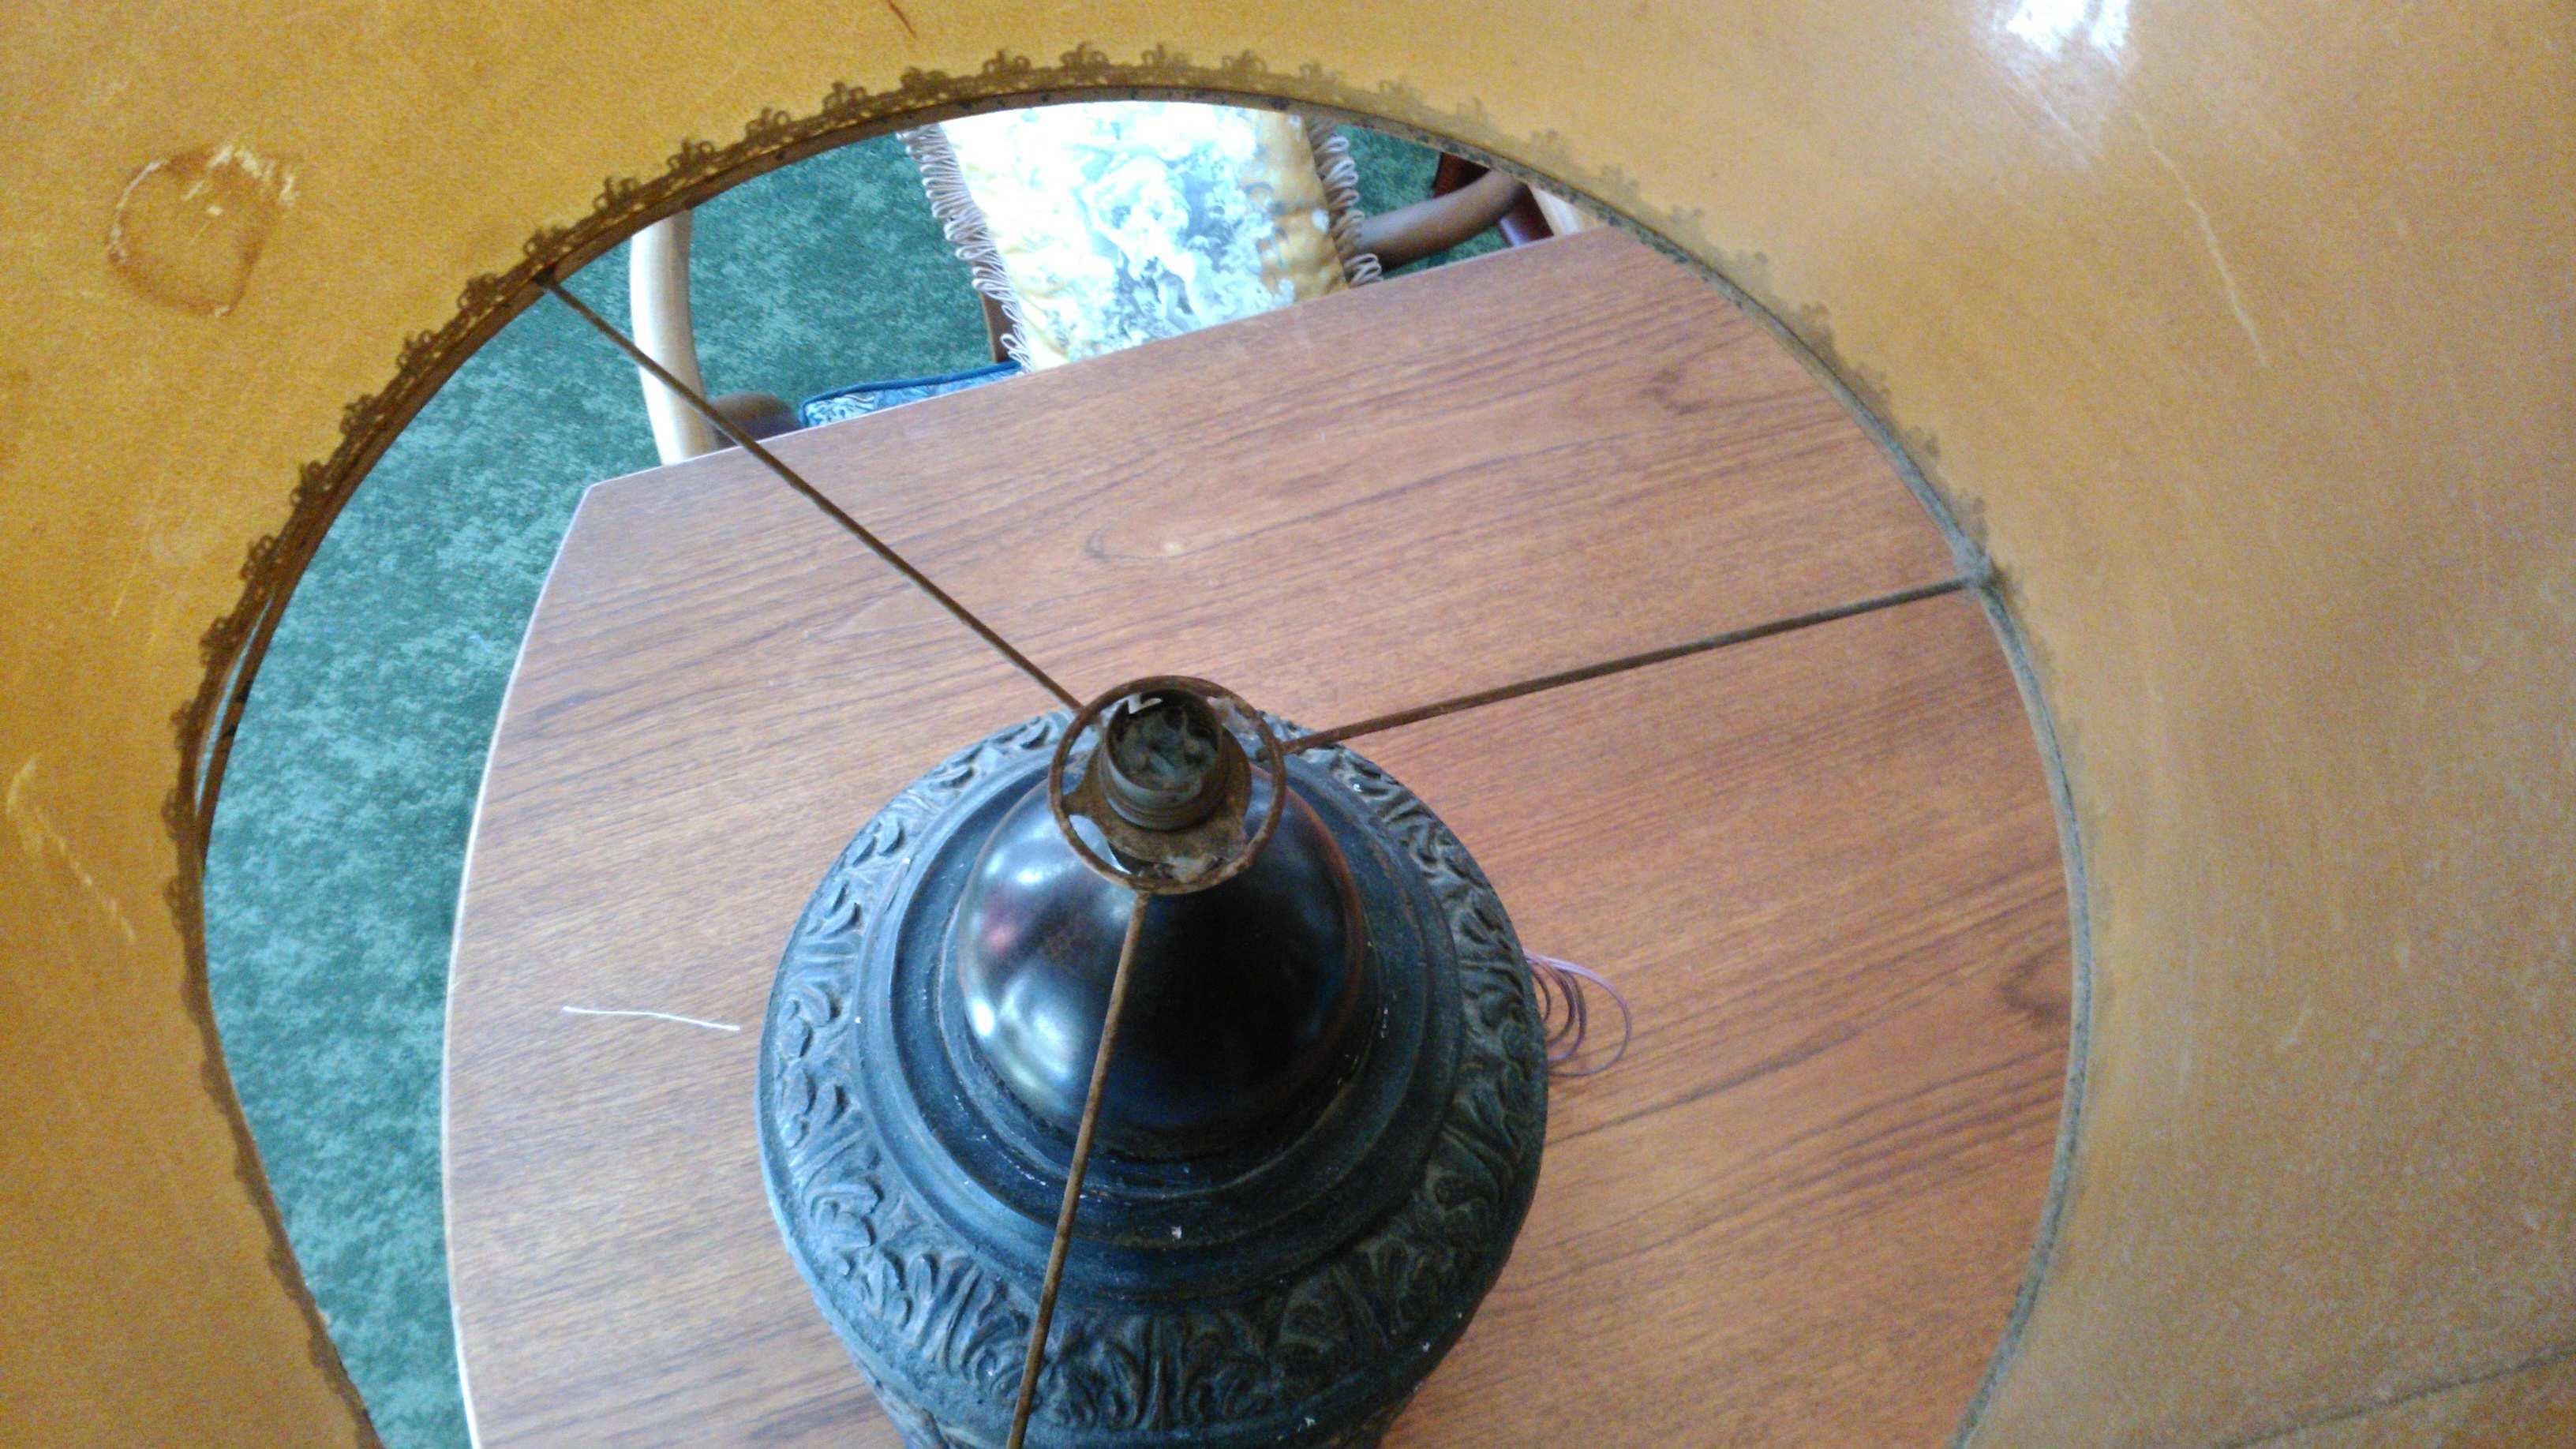 ランプシェード張替・修理 モリス『マリーゴールド』 ウィリアムモリス正規販売店のブライト_c0157866_17330923.jpg